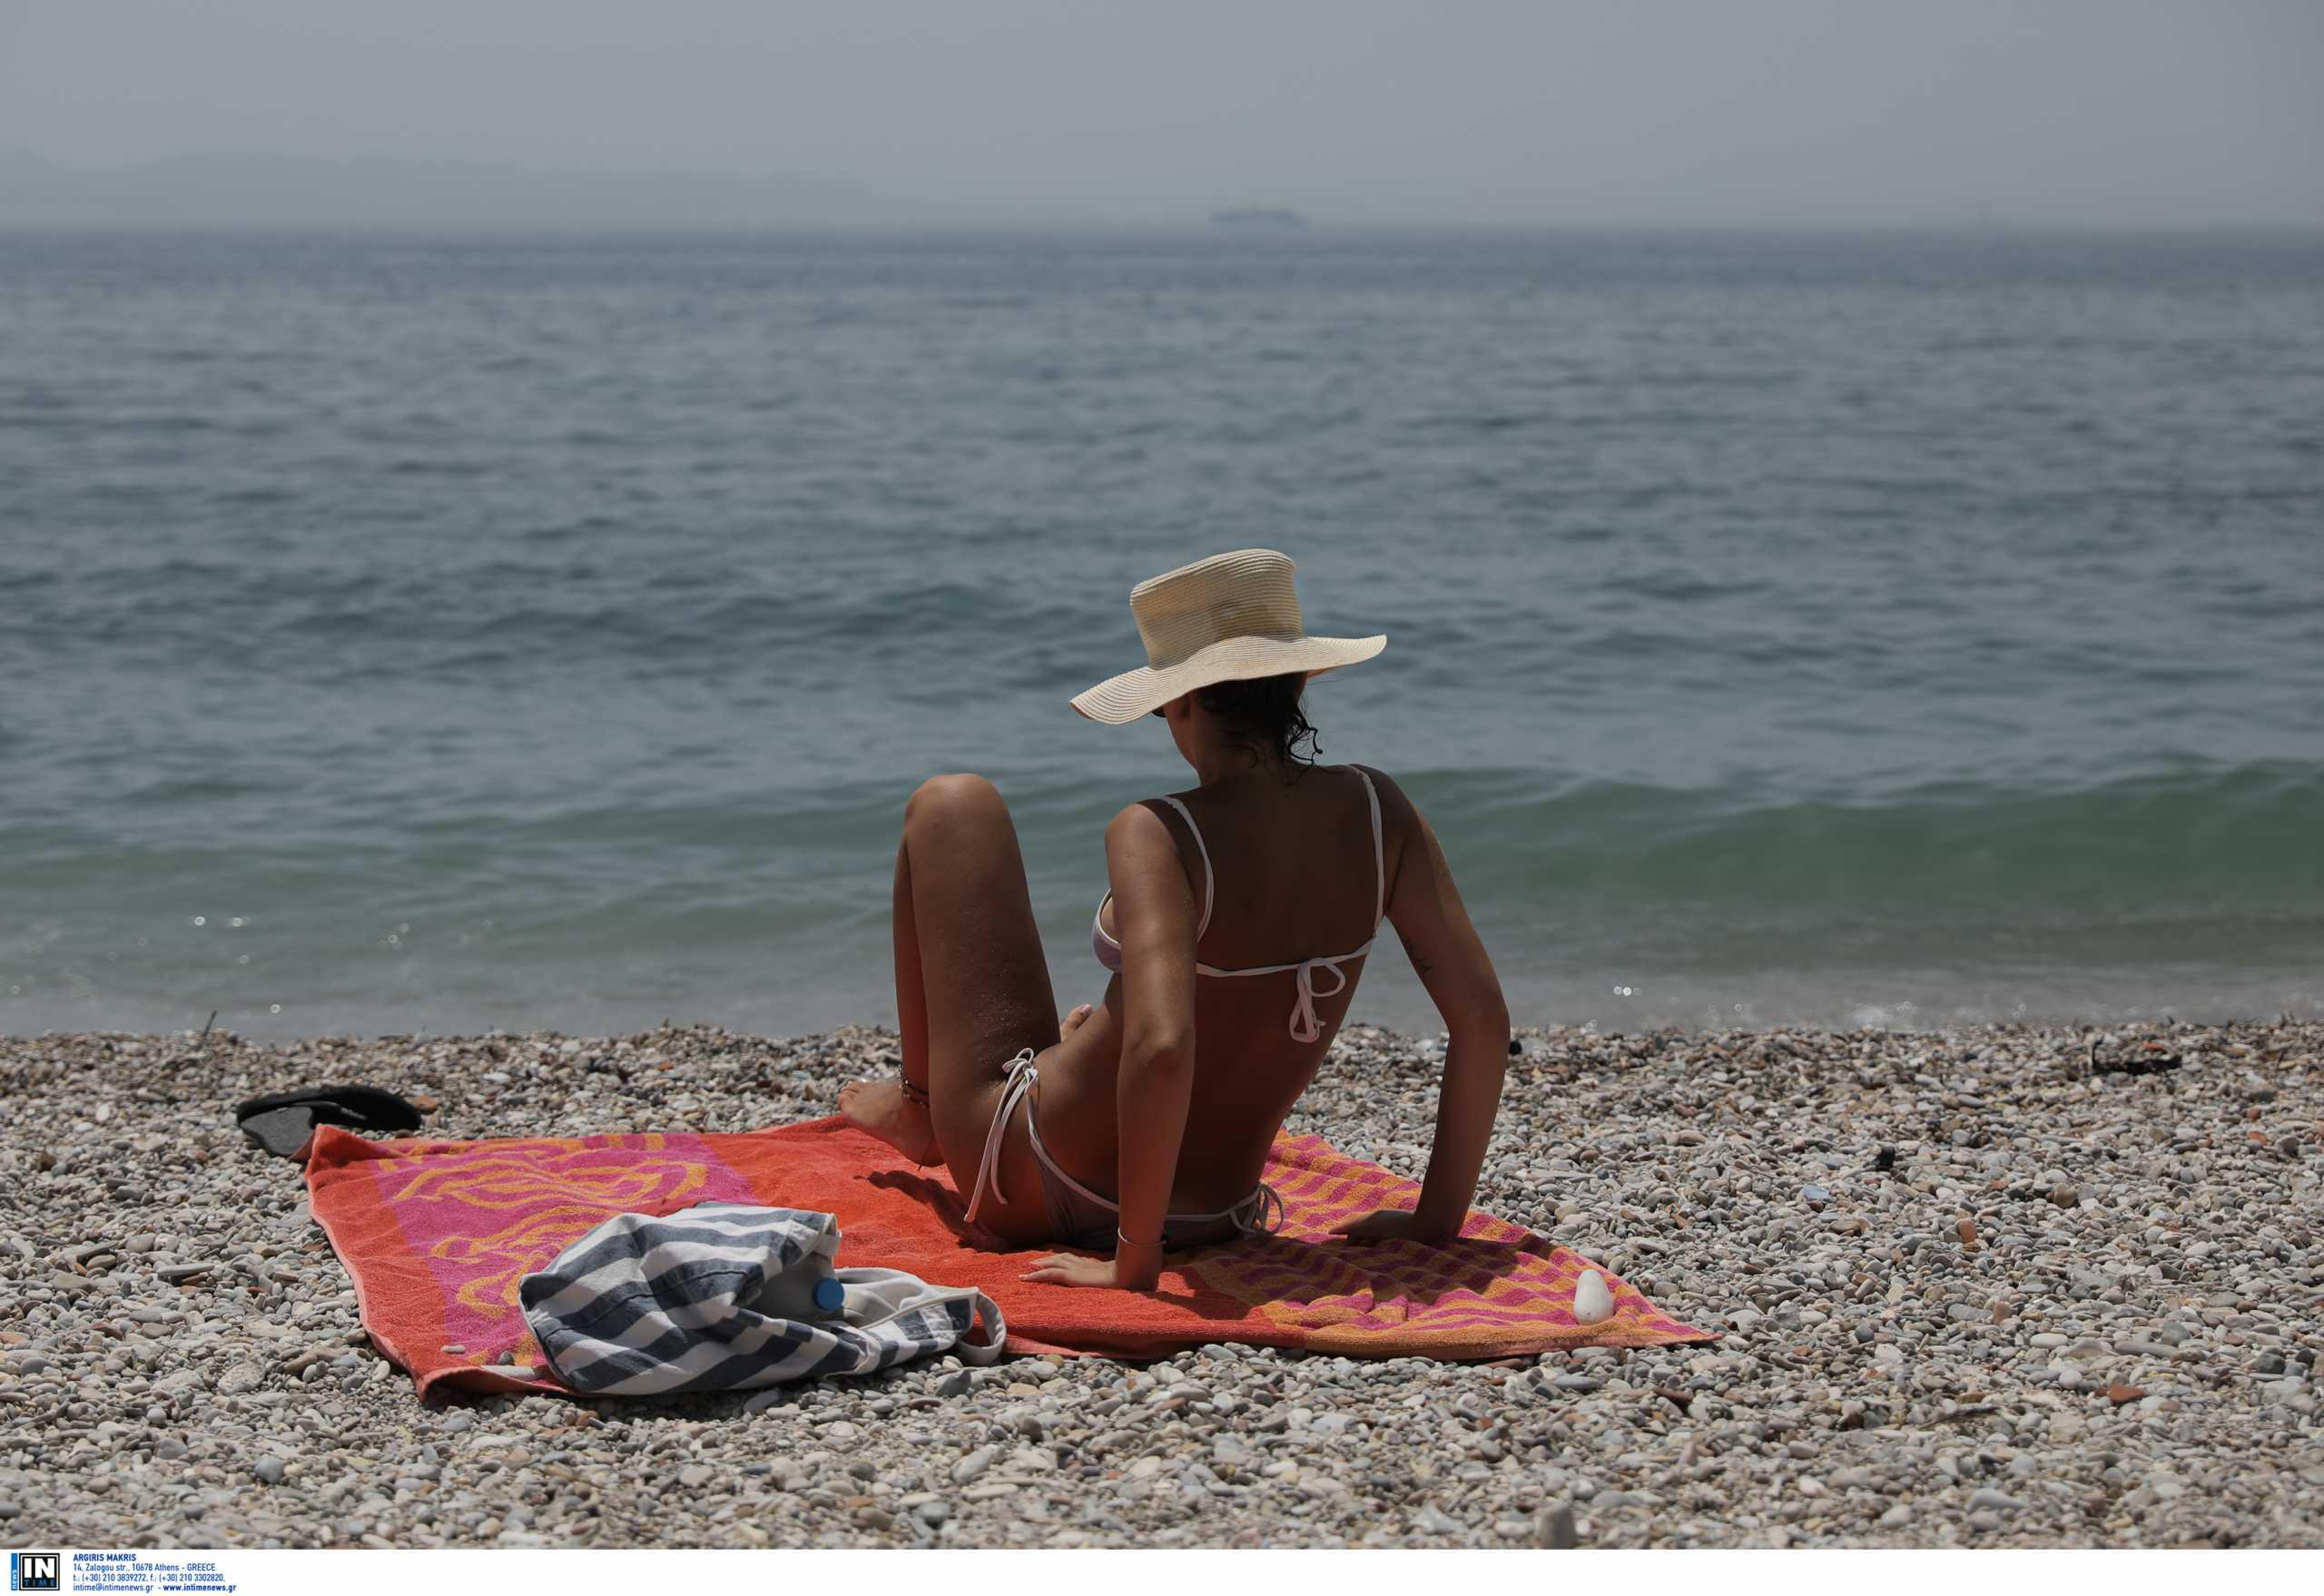 Κορονοϊός: 40 περιοχές με διψήφια κρούσματα – 615 στην Αττική, σταθερά ψηλά η Κρήτη – Αναλυτικά η διασπορά